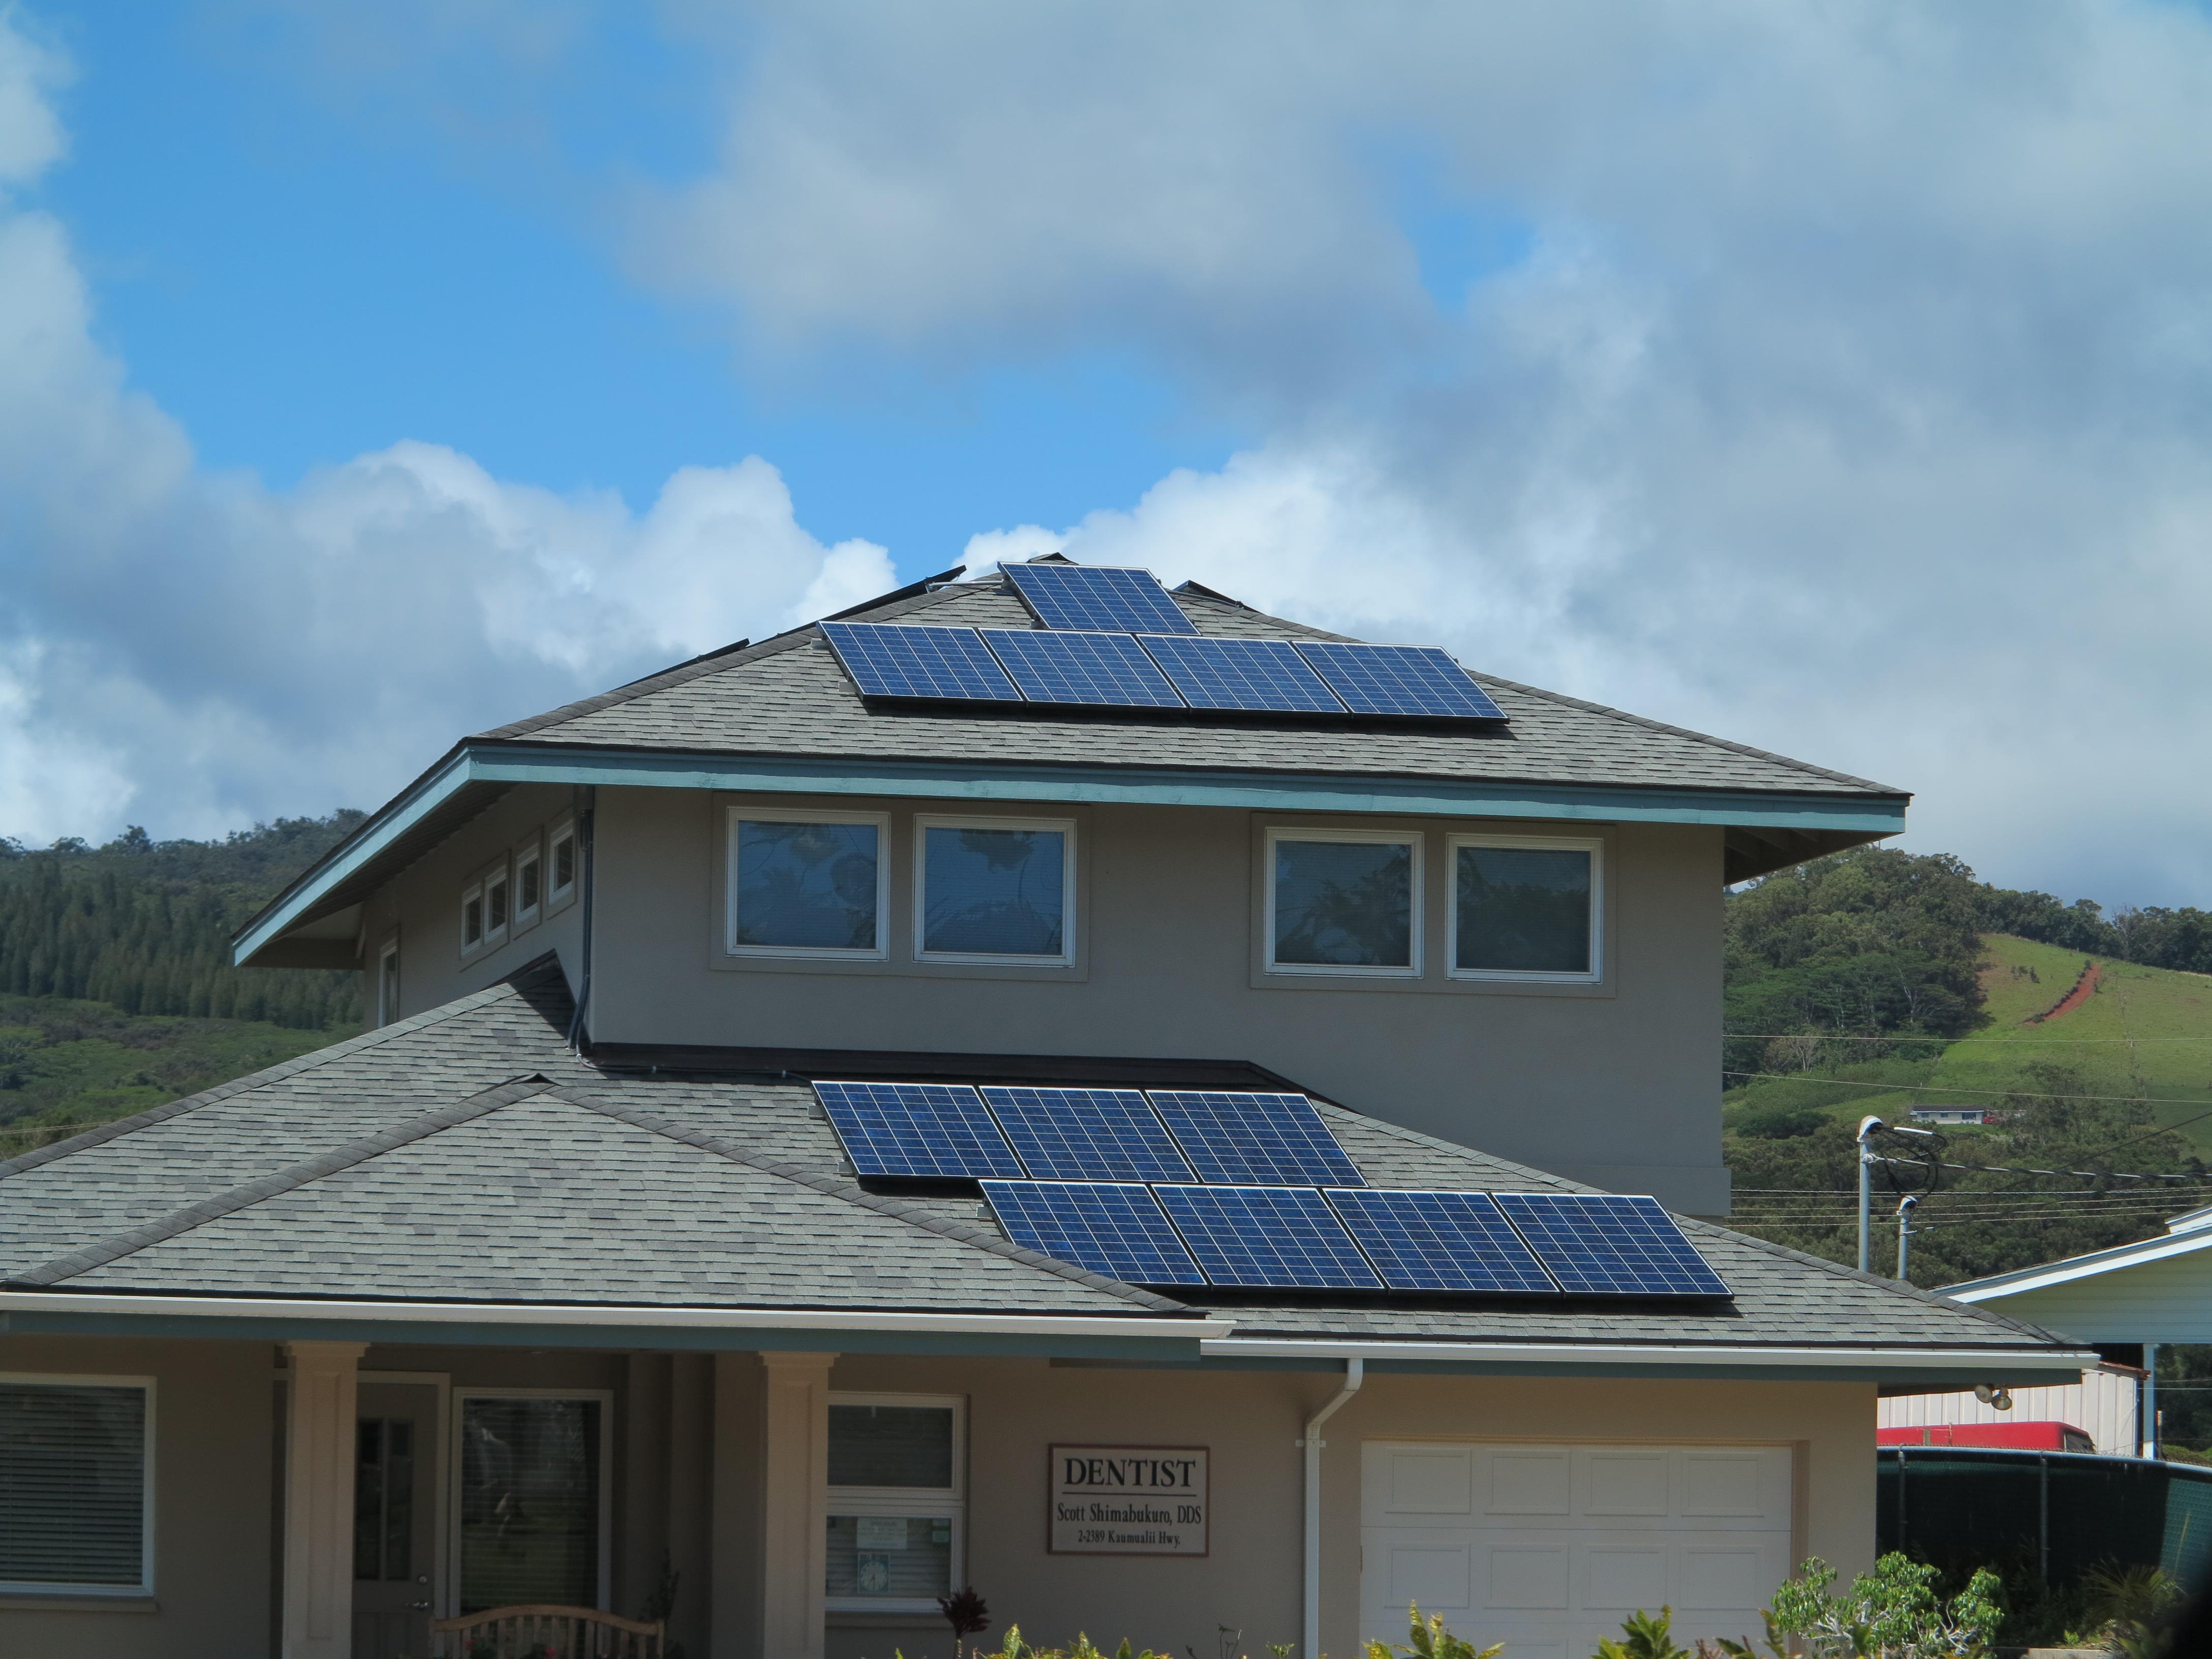 Kauai commercial dentist office solar 2013